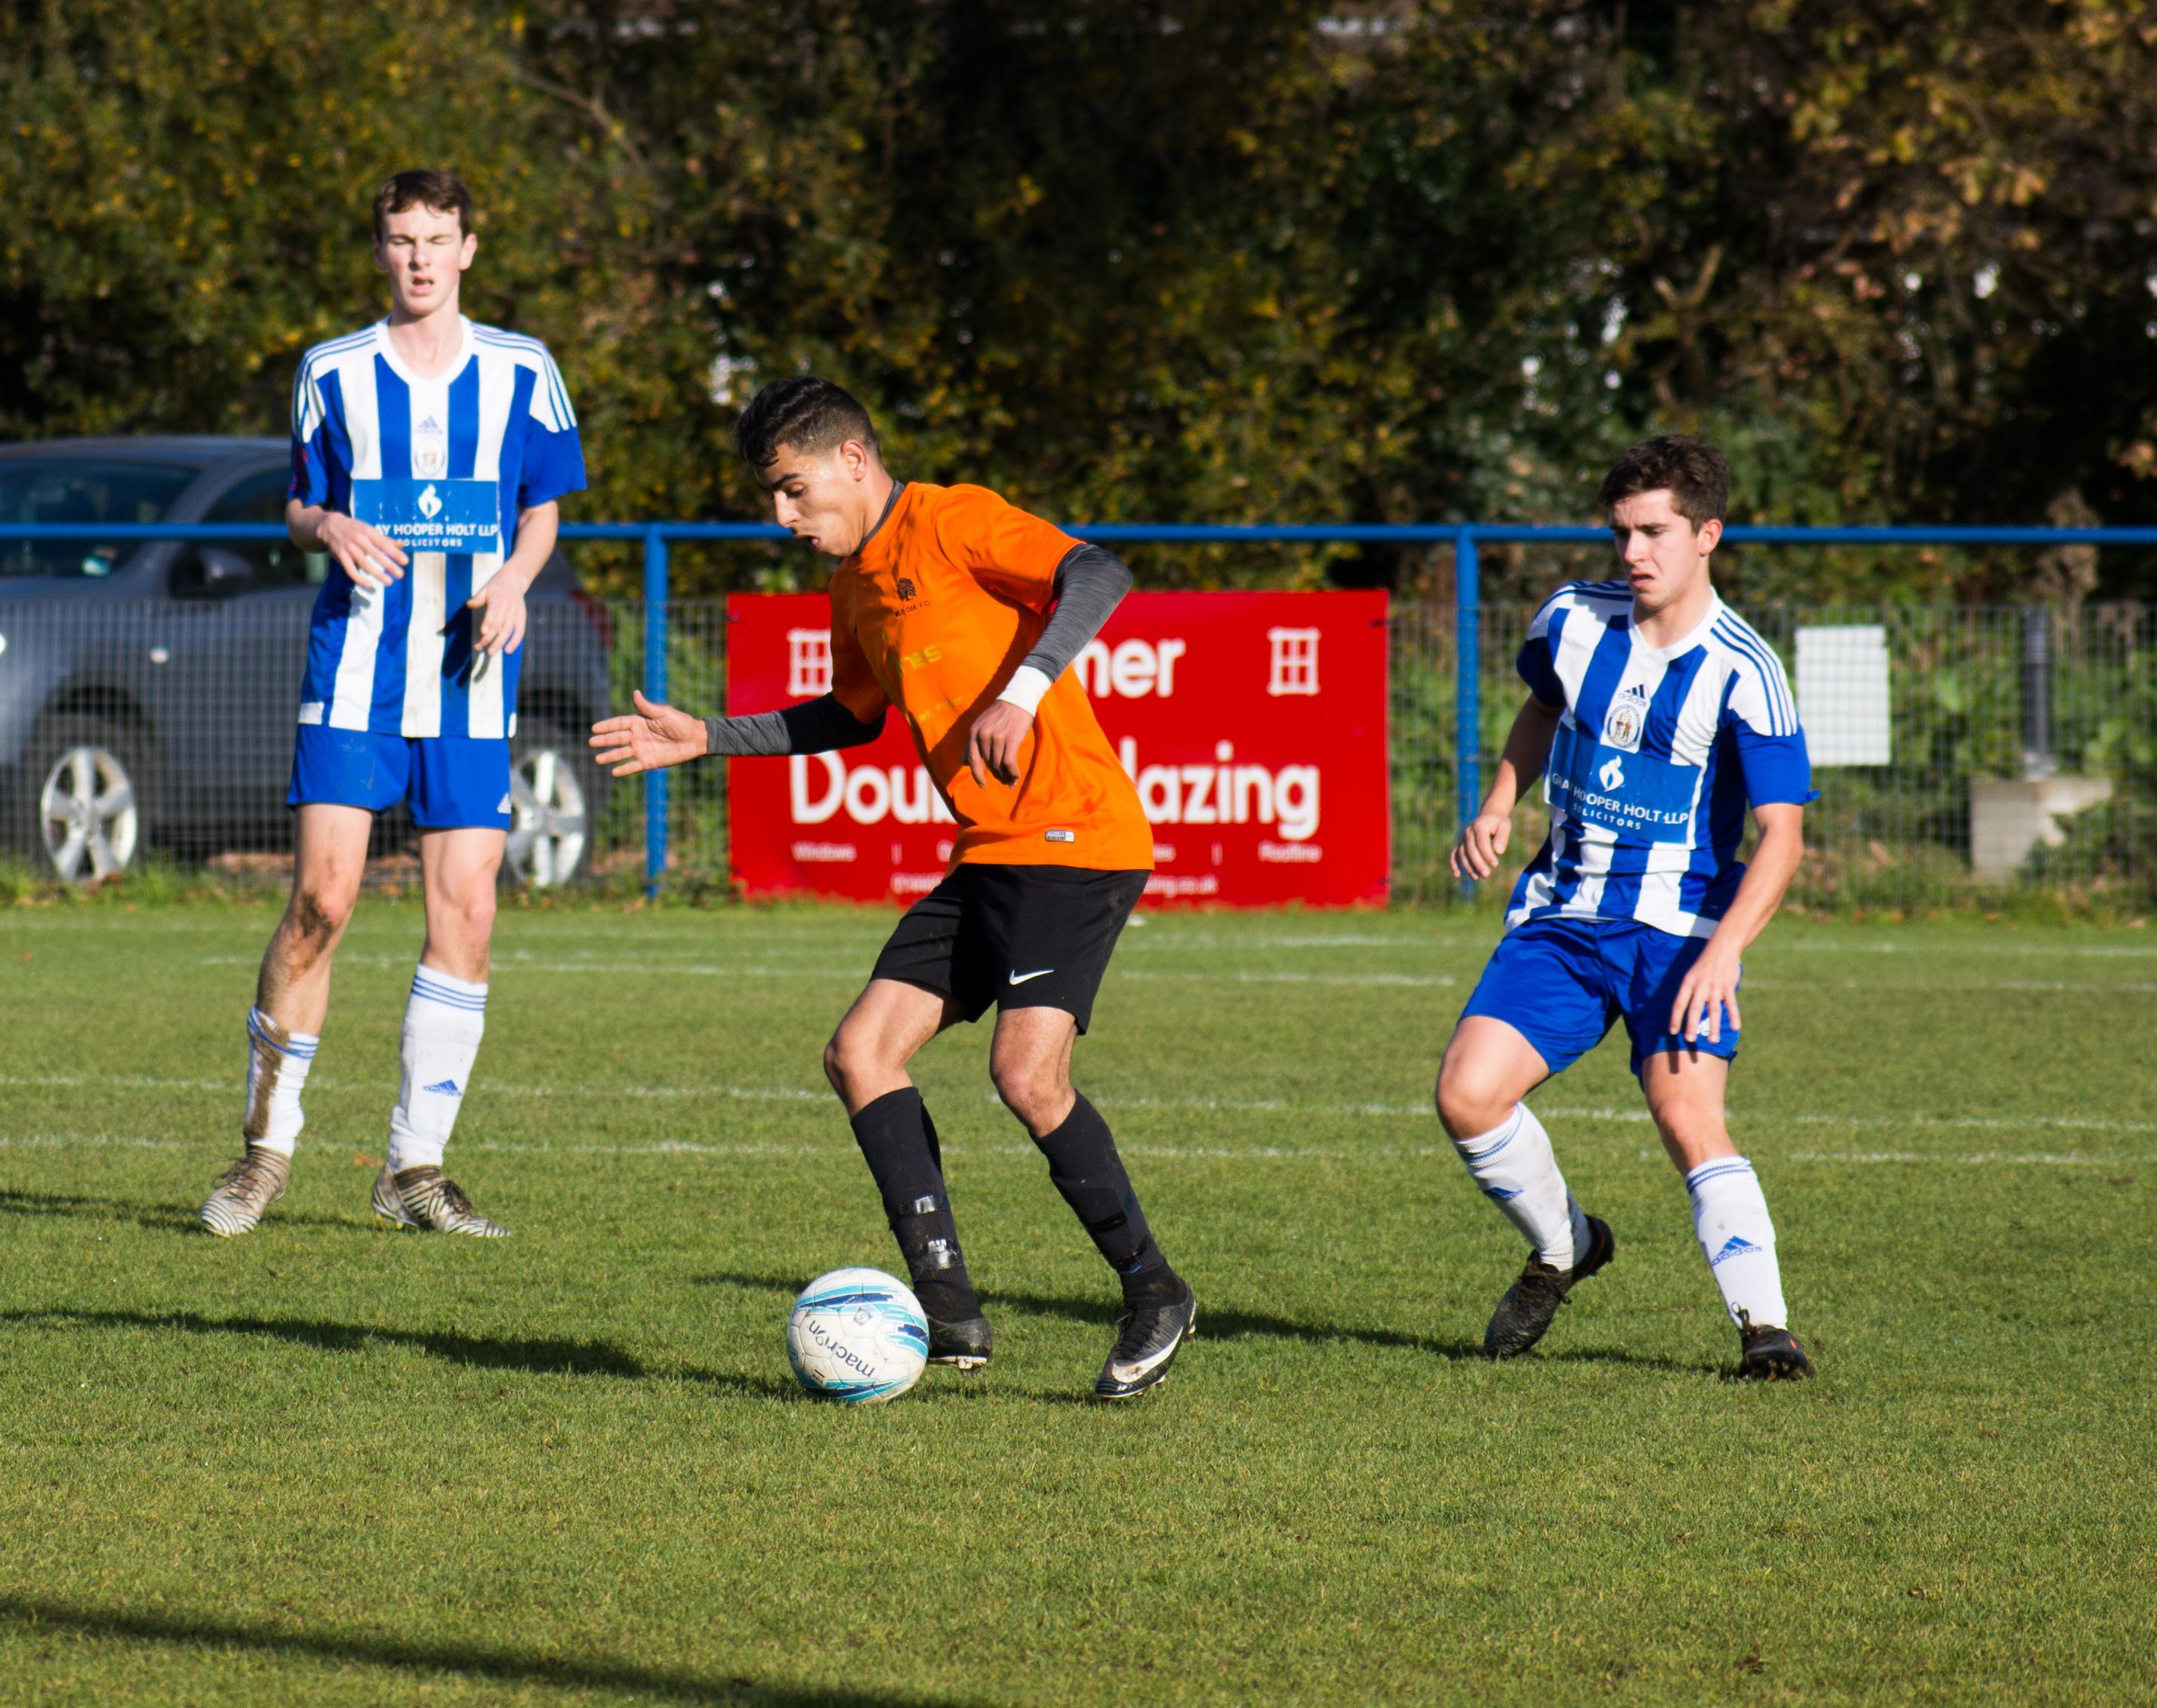 Mile Oak U18s vs Haywards Heath U18s 19.11.17 23